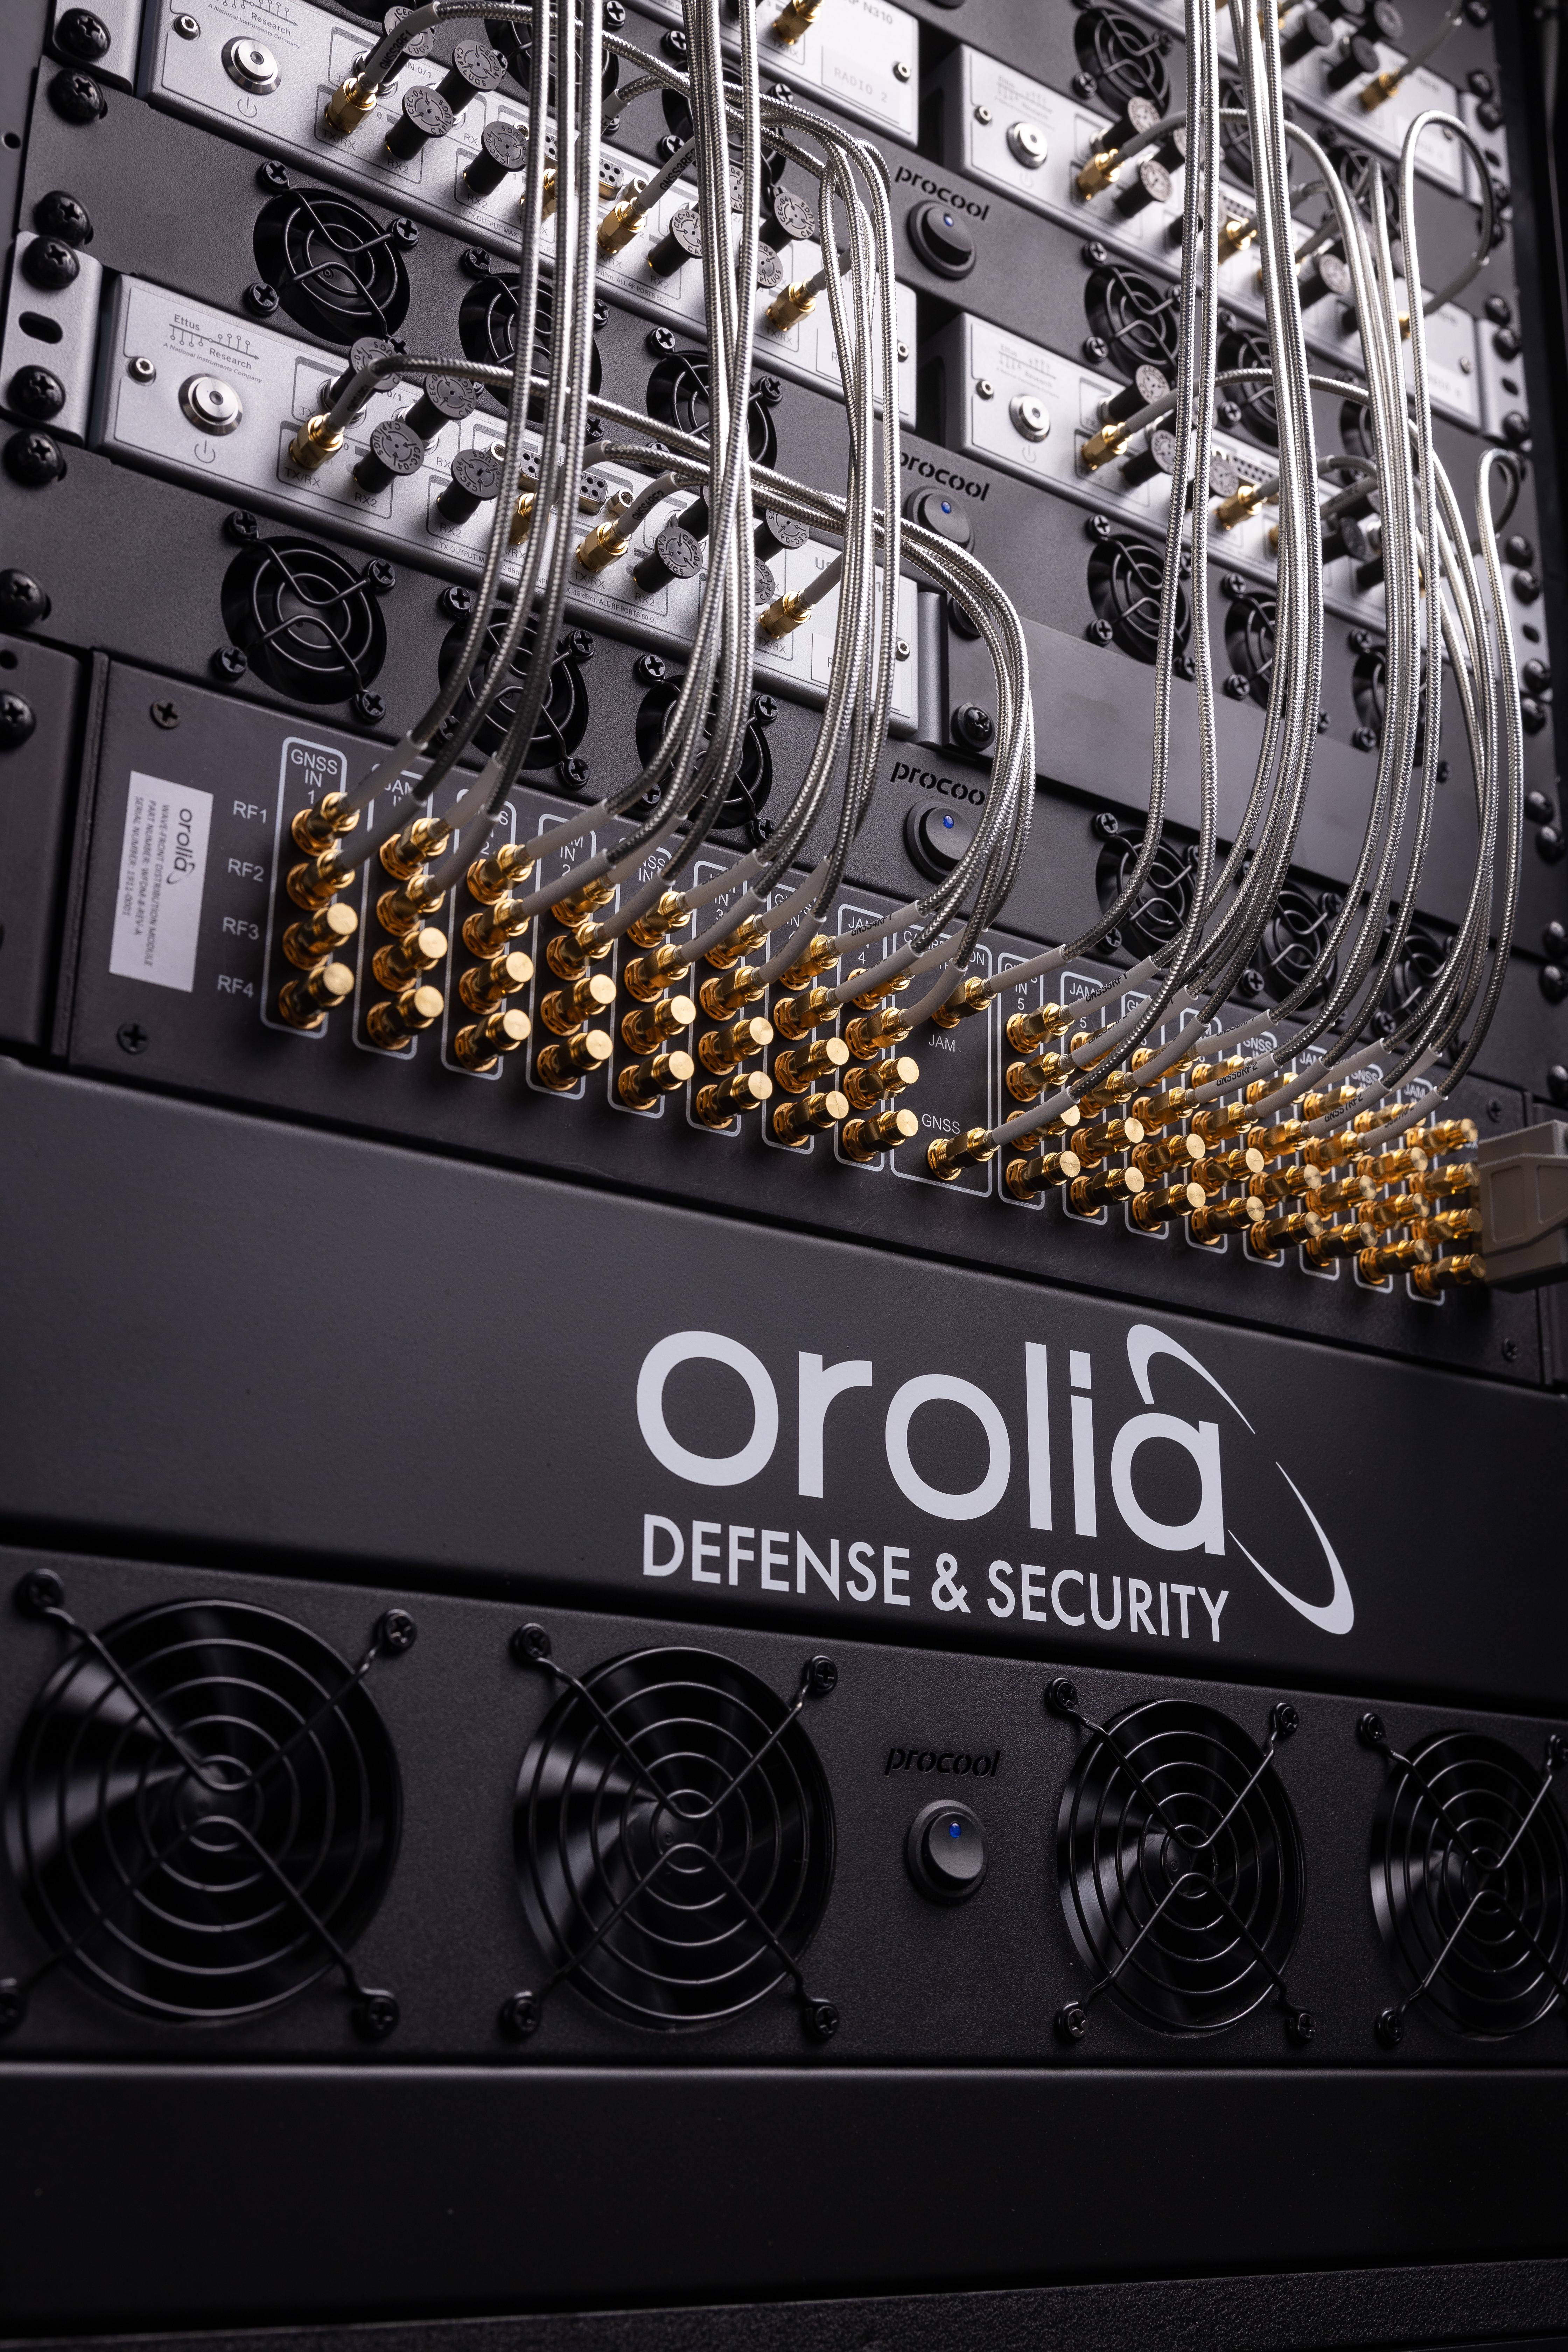 Orolia_006